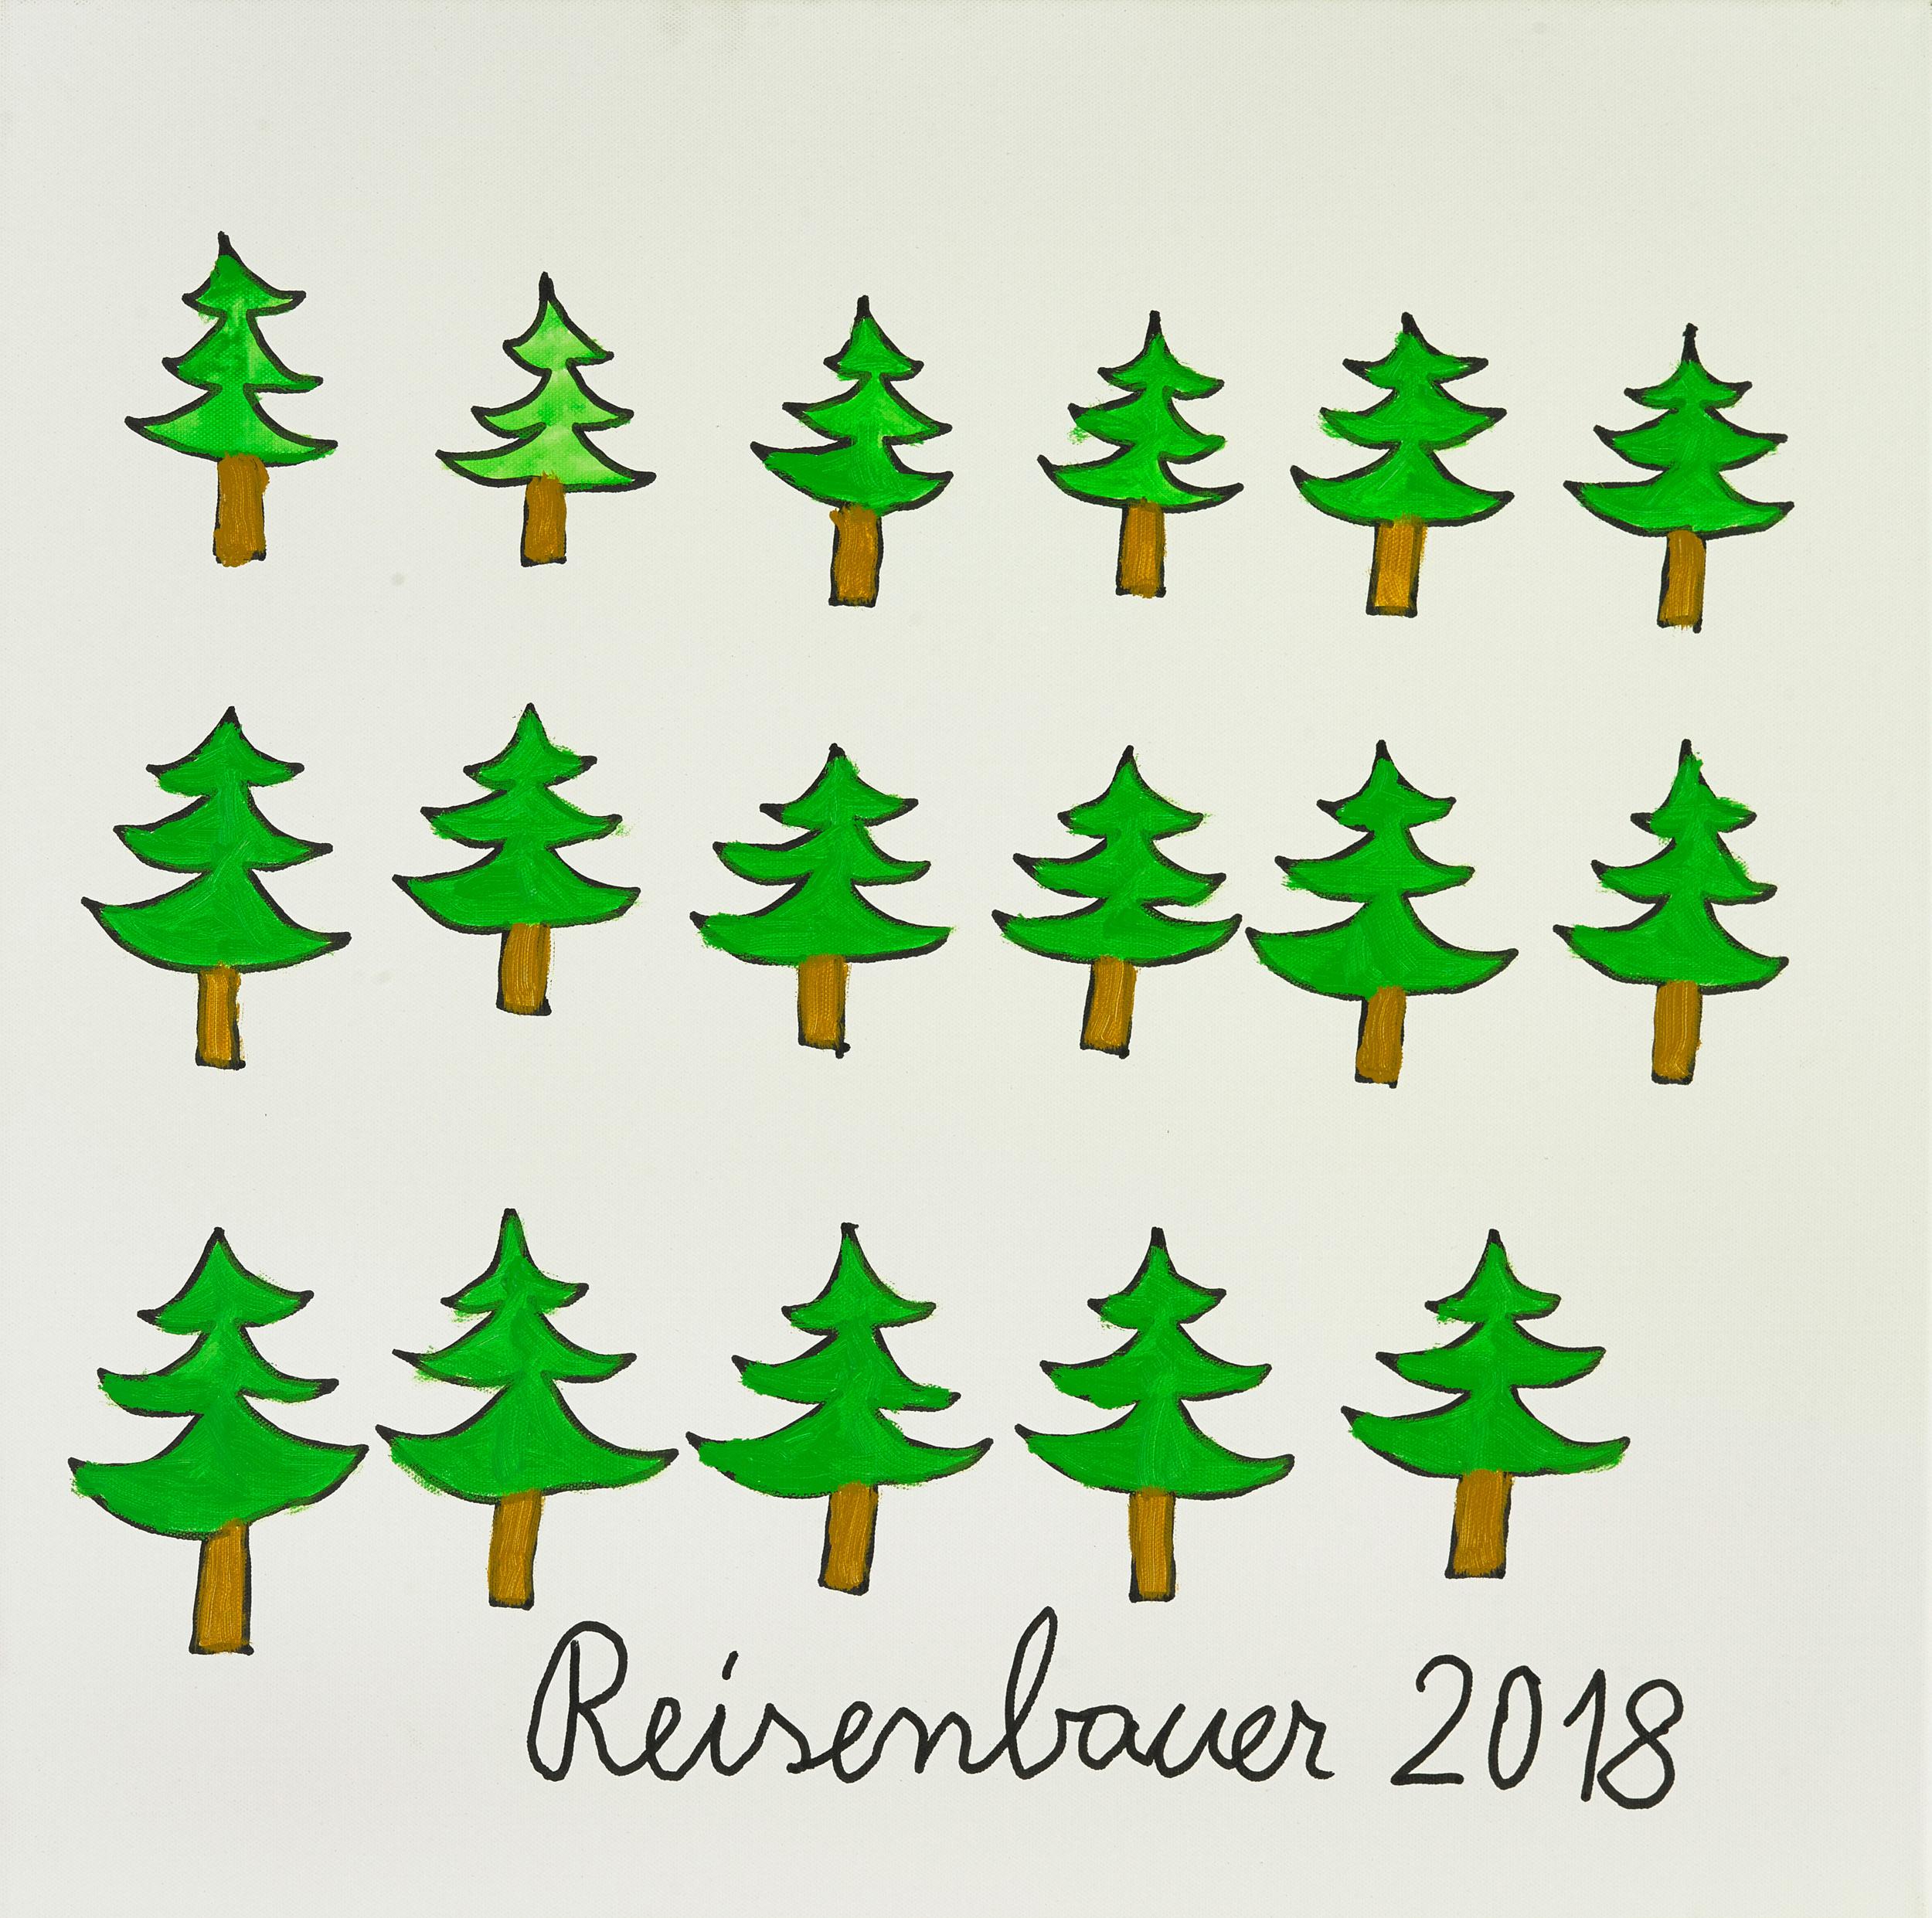 reisenbauer heinrich - bäume / trees